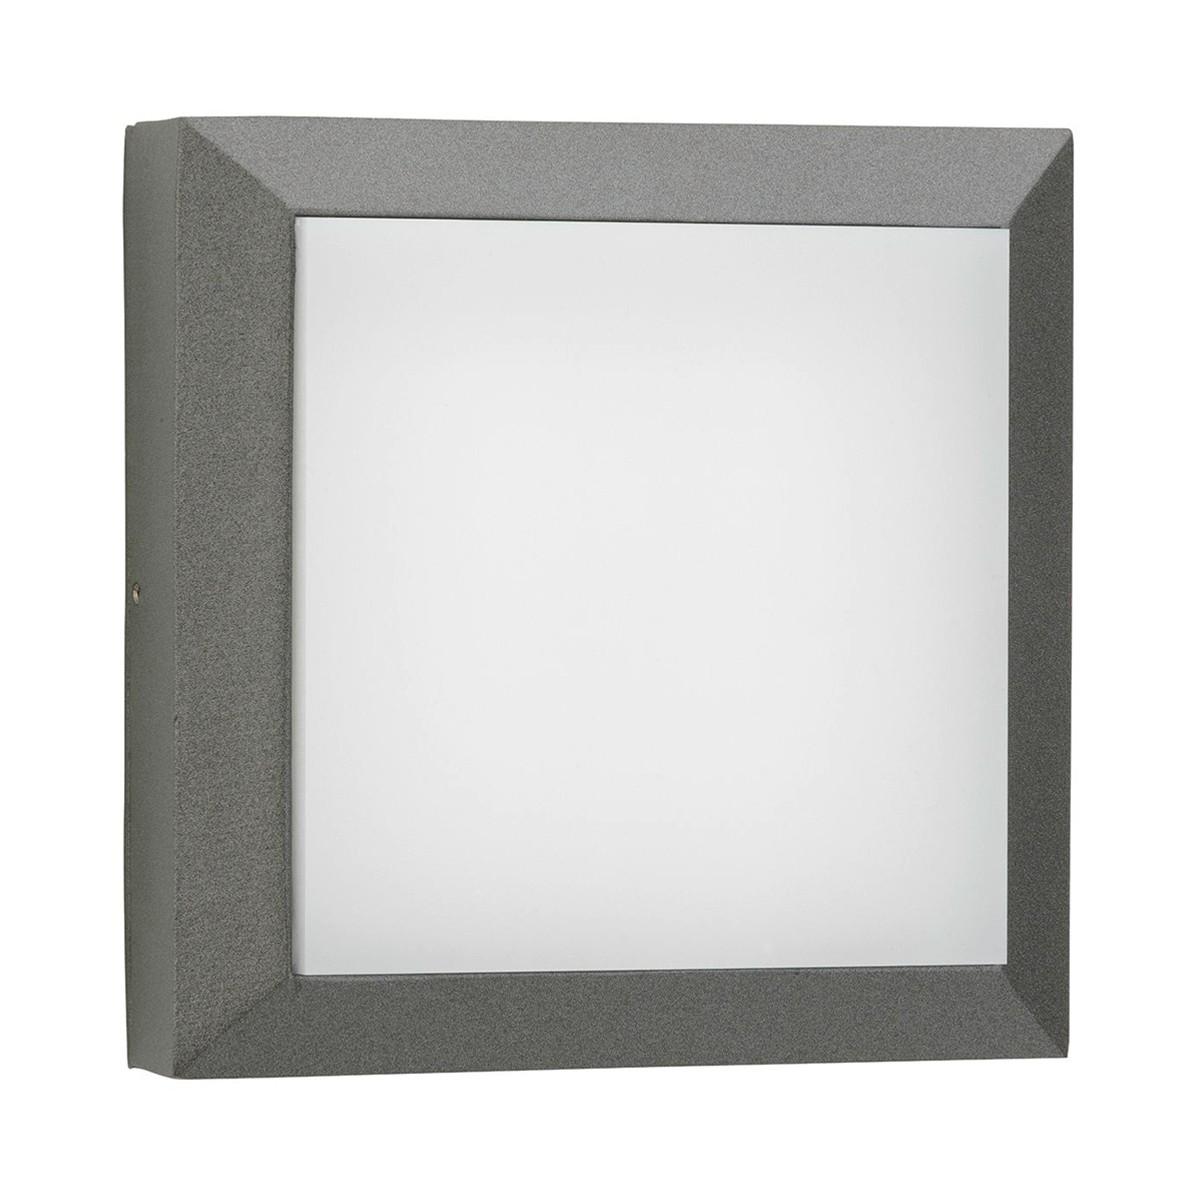 Albert 6562 LED Wand- / Deckenleuchte, anthrazit